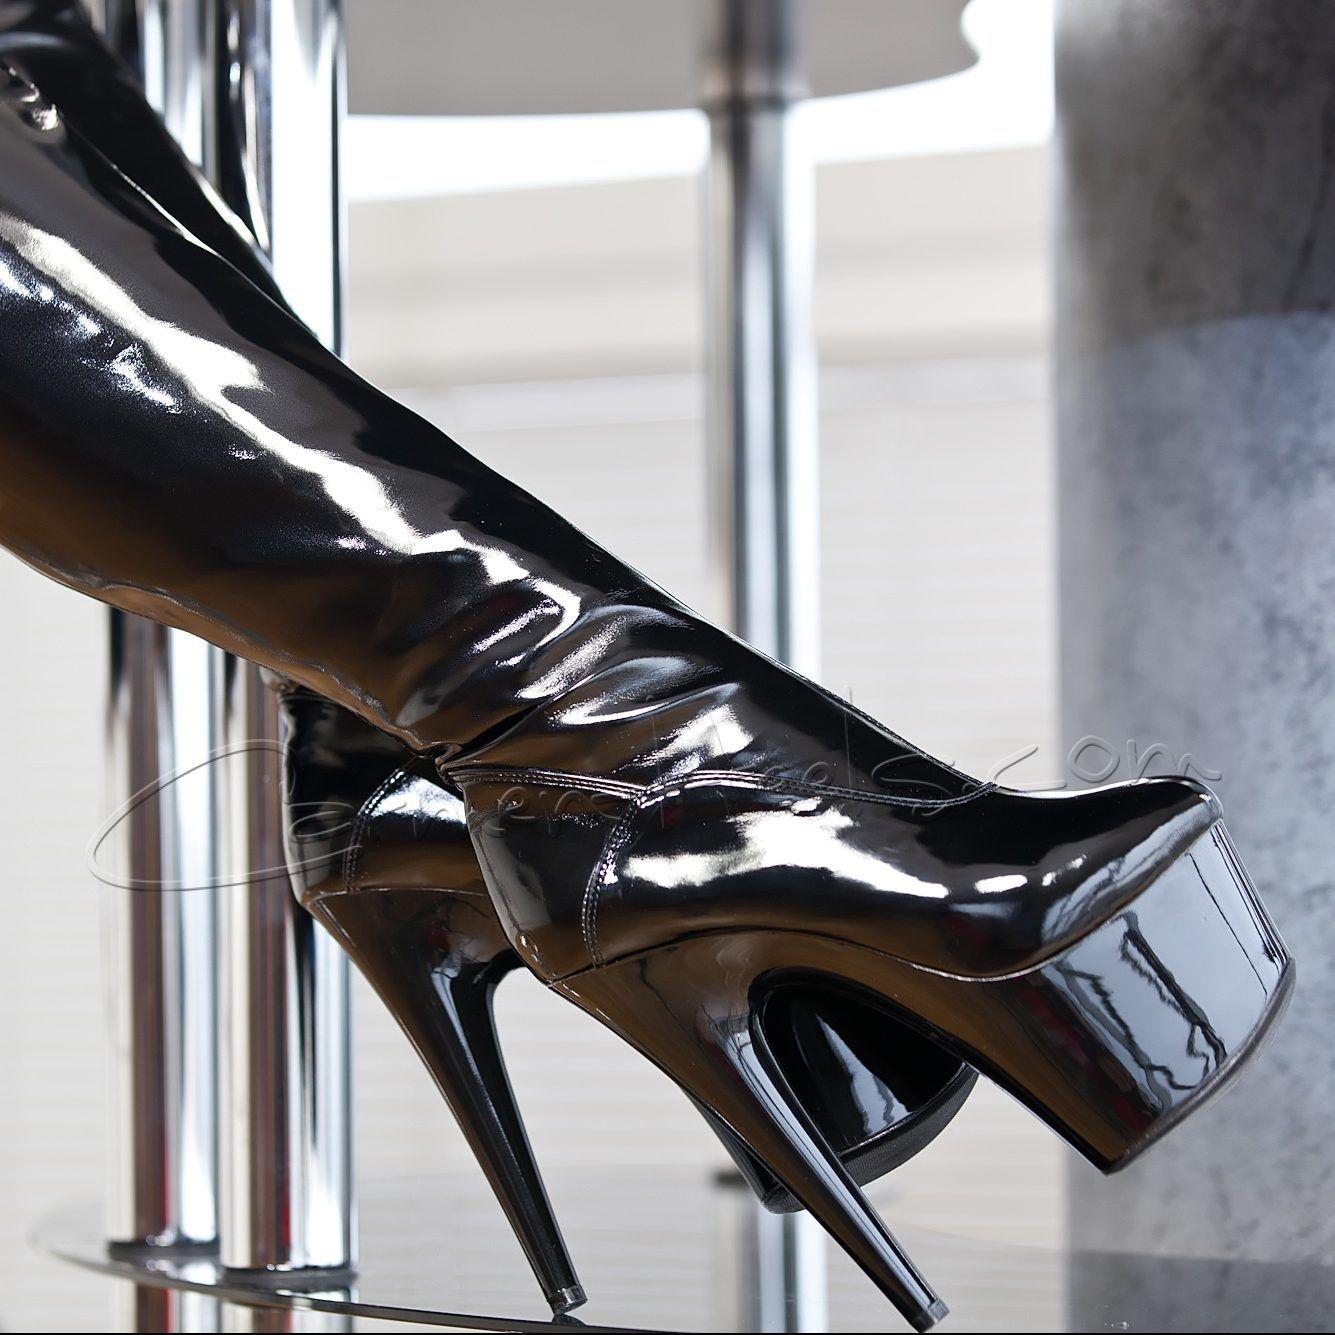 b49ef3691f303 Fantasy Thigh high boots